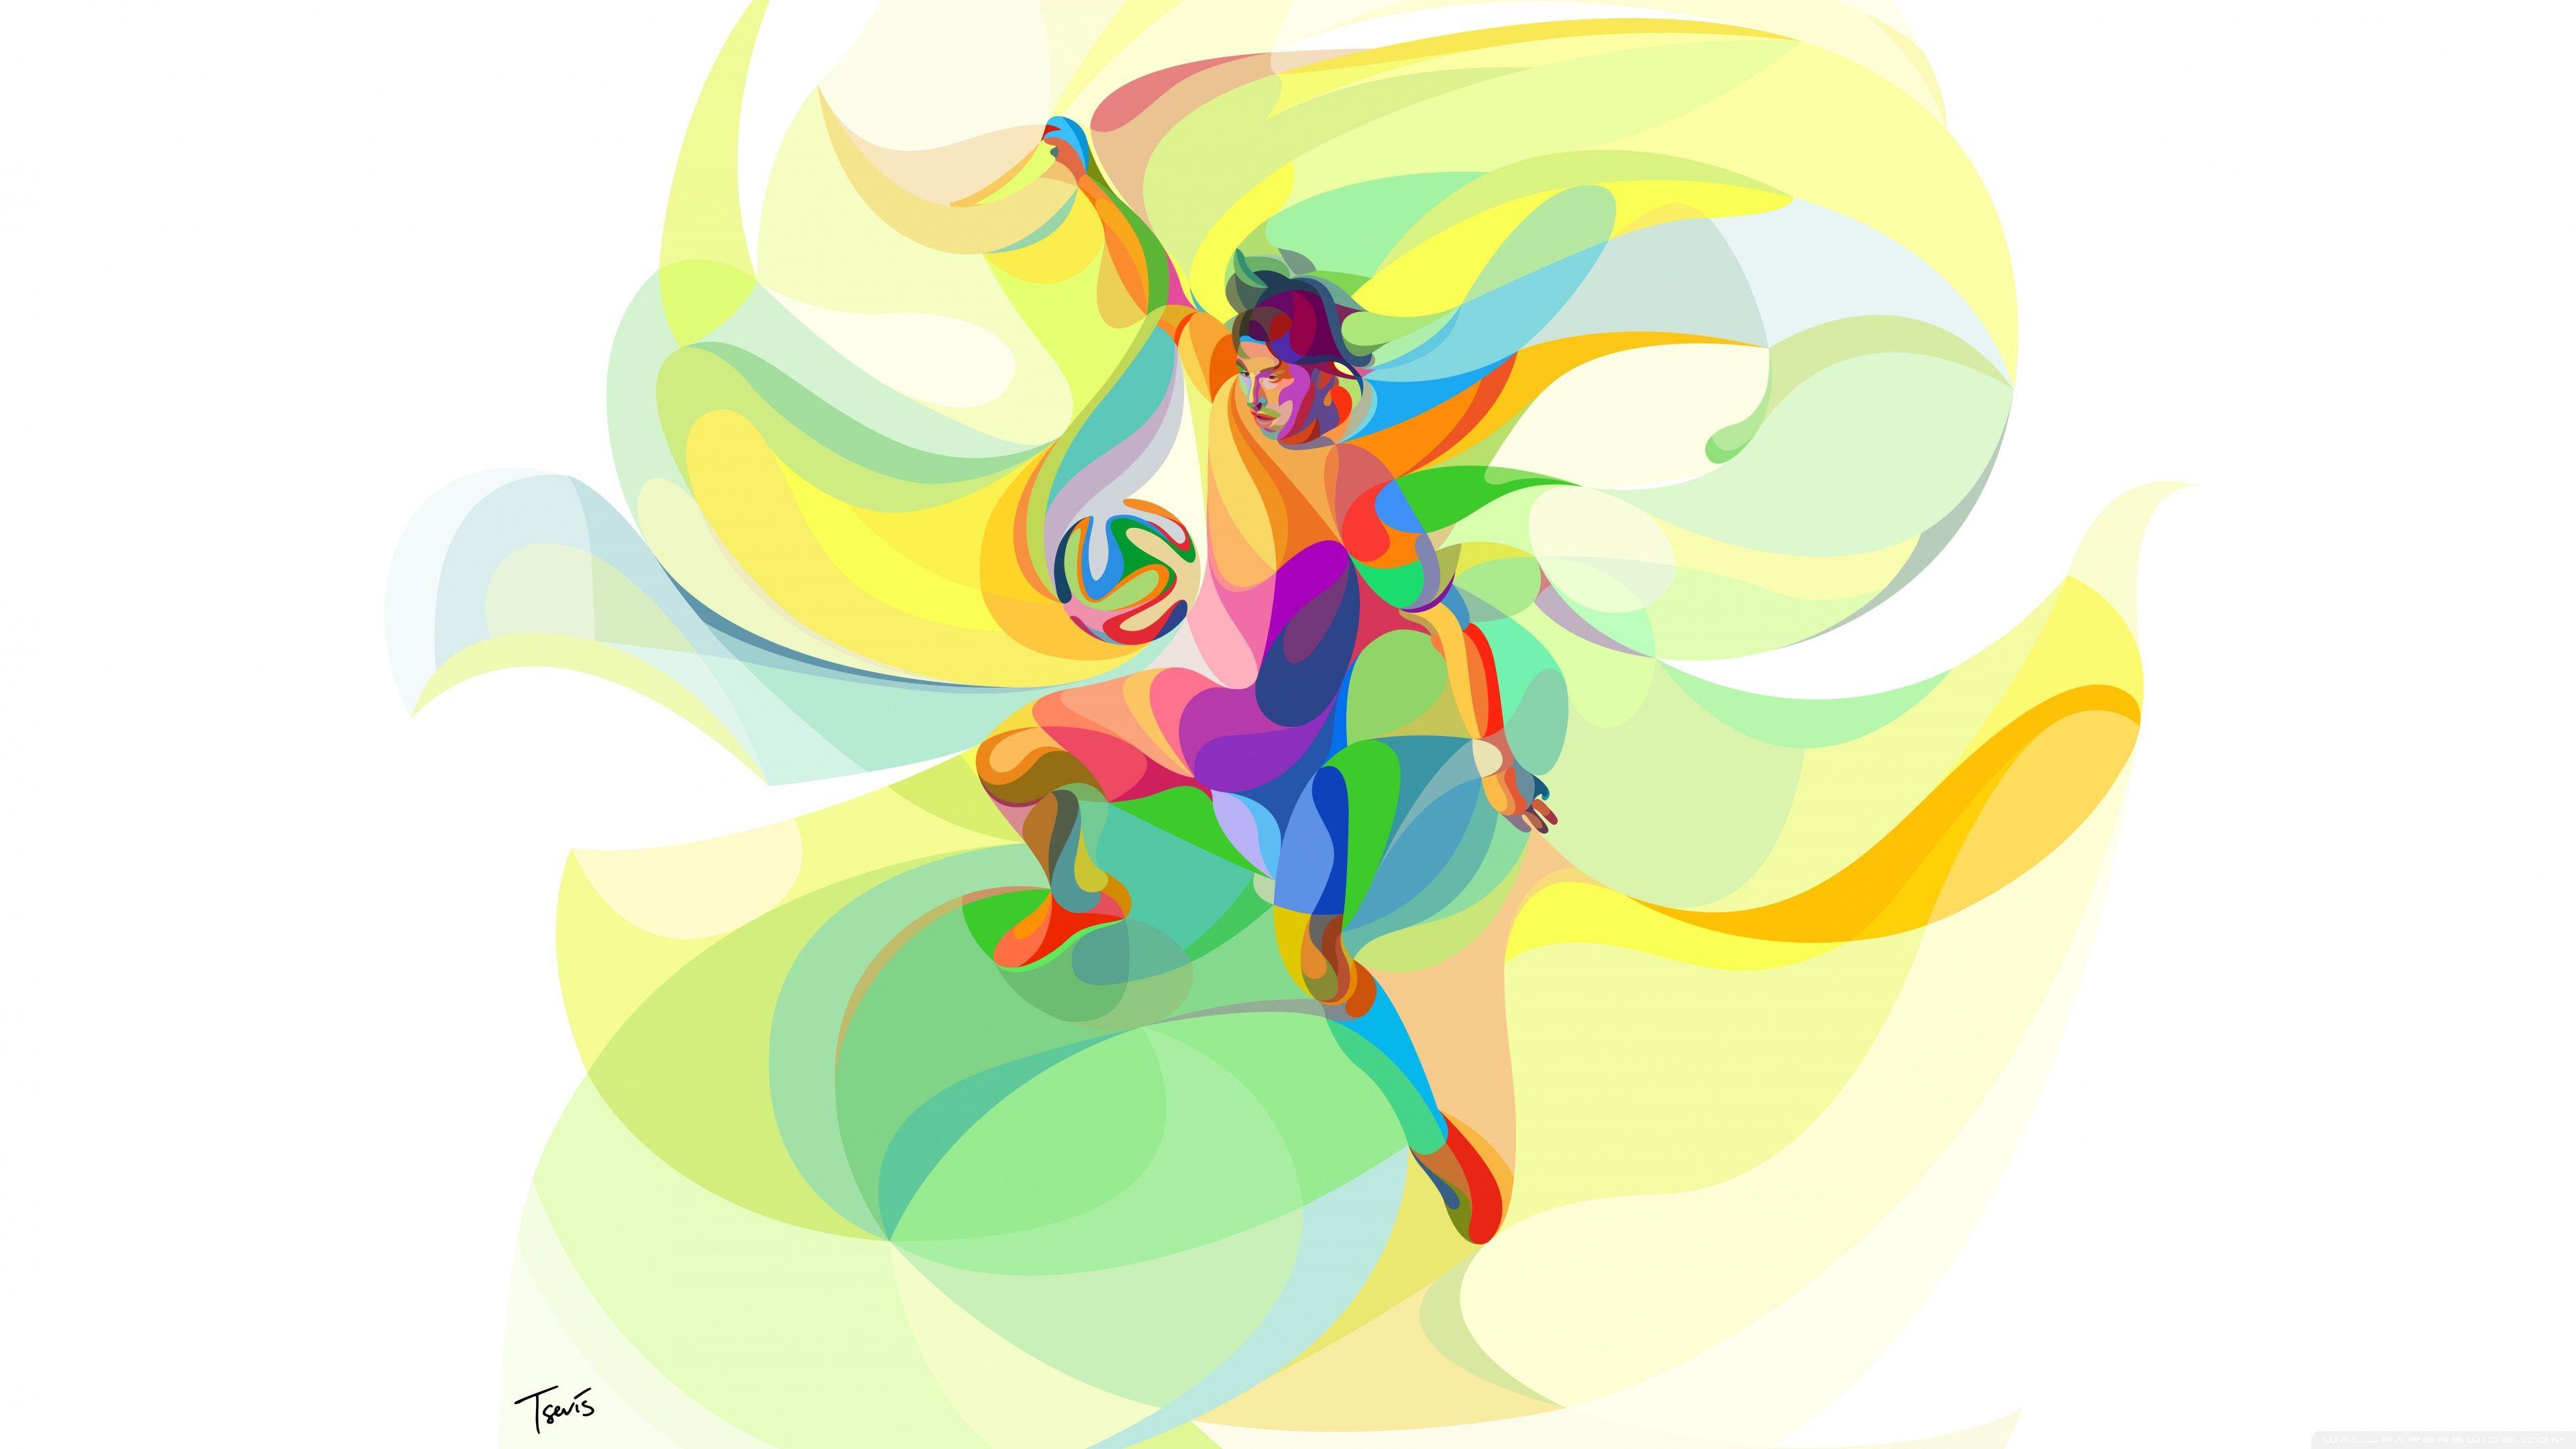 Fondo Con Iconos De Deporte: Resultado De Imagen Para Fondo De Pantalla Juegos